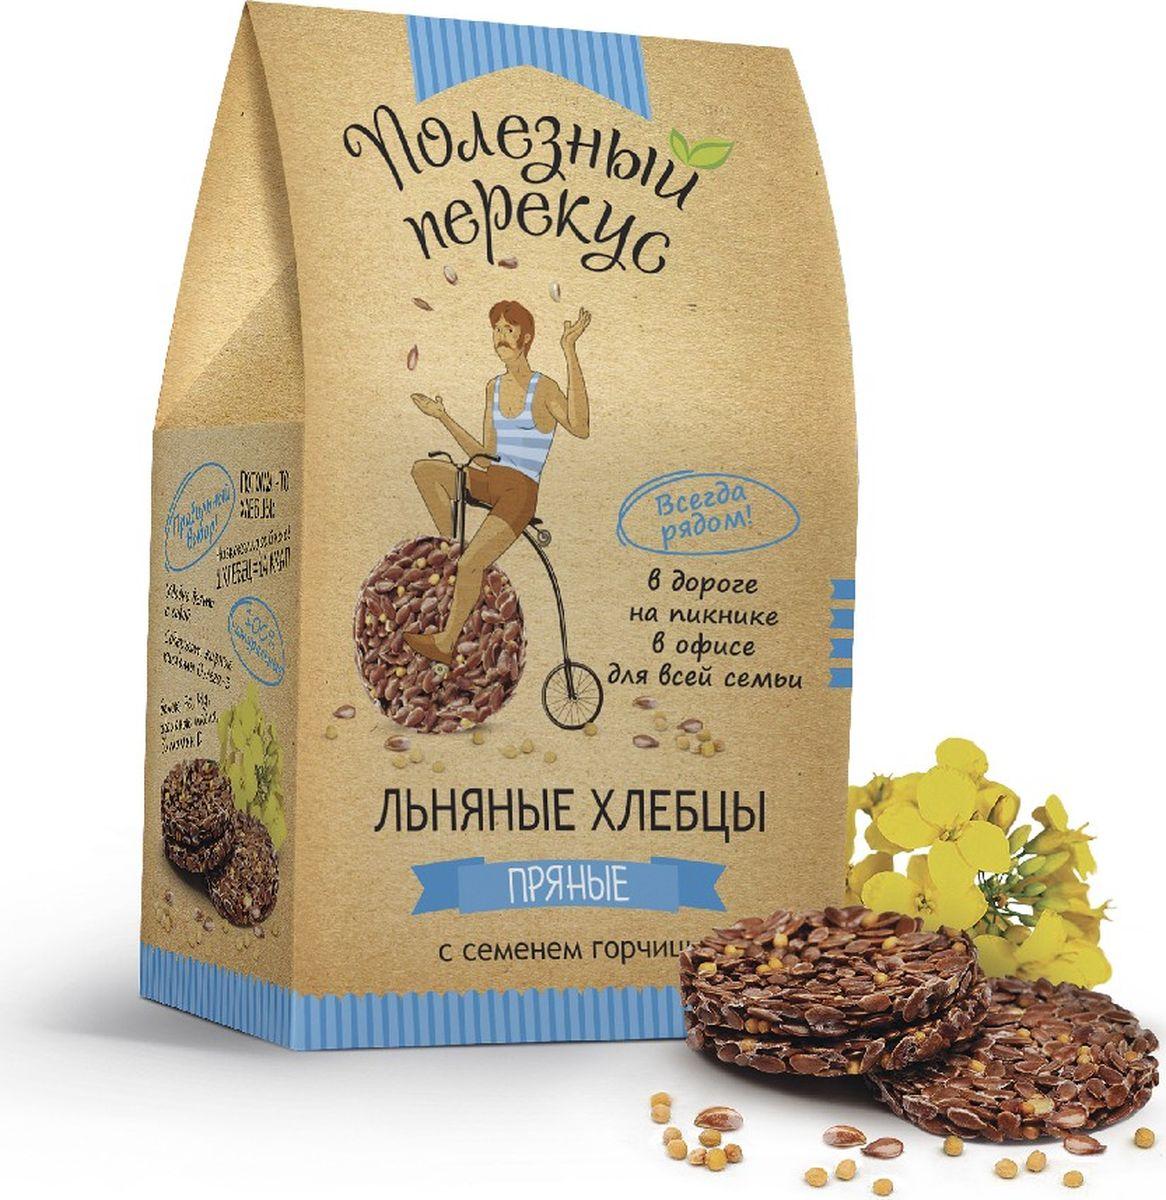 Полезный перекус Пряные хлебцы льняные с семенем горчицы, 100 г райская птица молочный шоколад 38